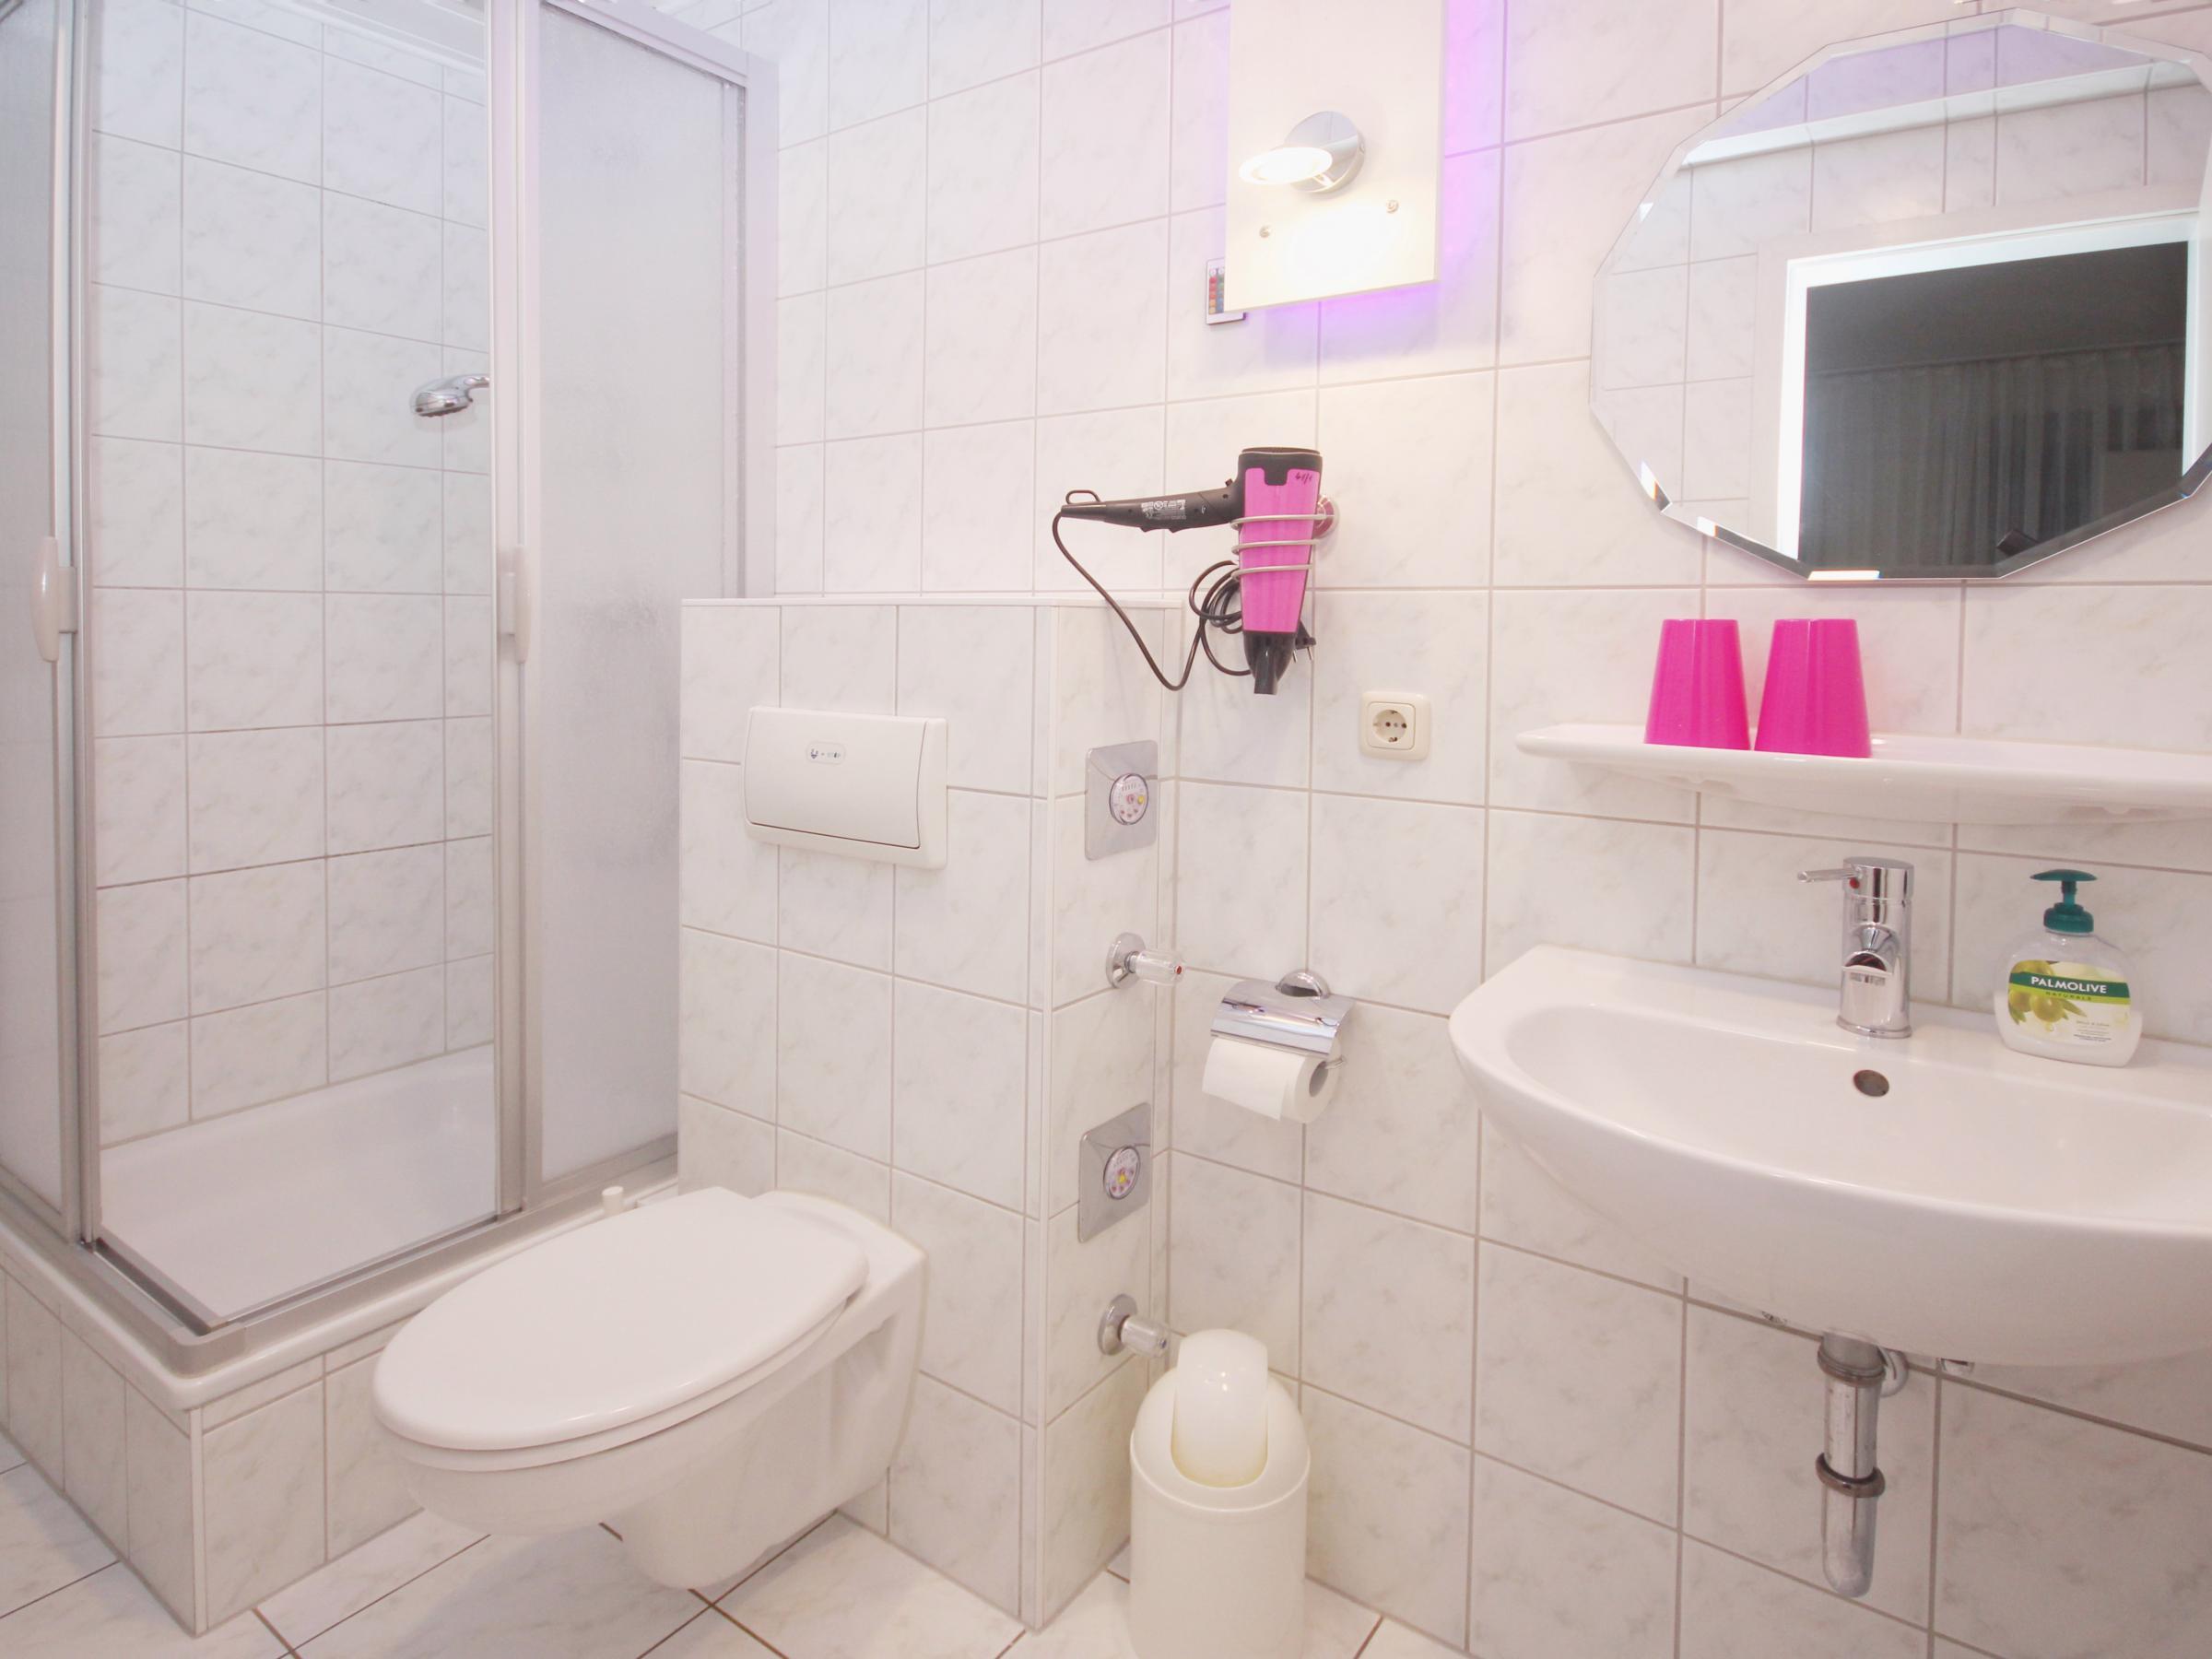 Helle, freunliche Dusche mit Fön